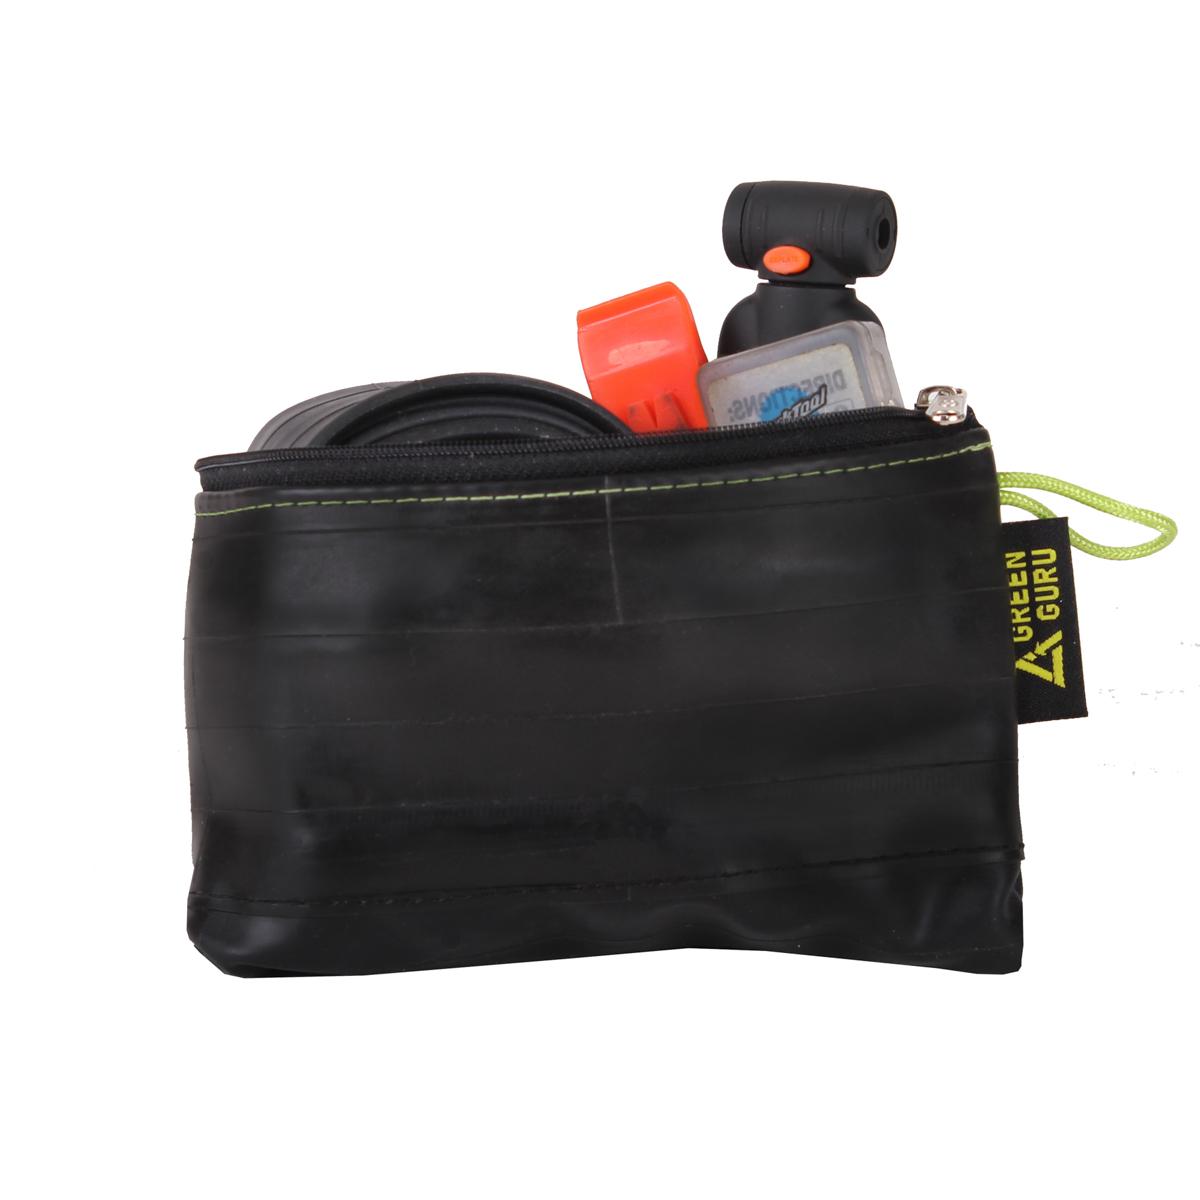 Bag Greenguru Zippered Pouch Small